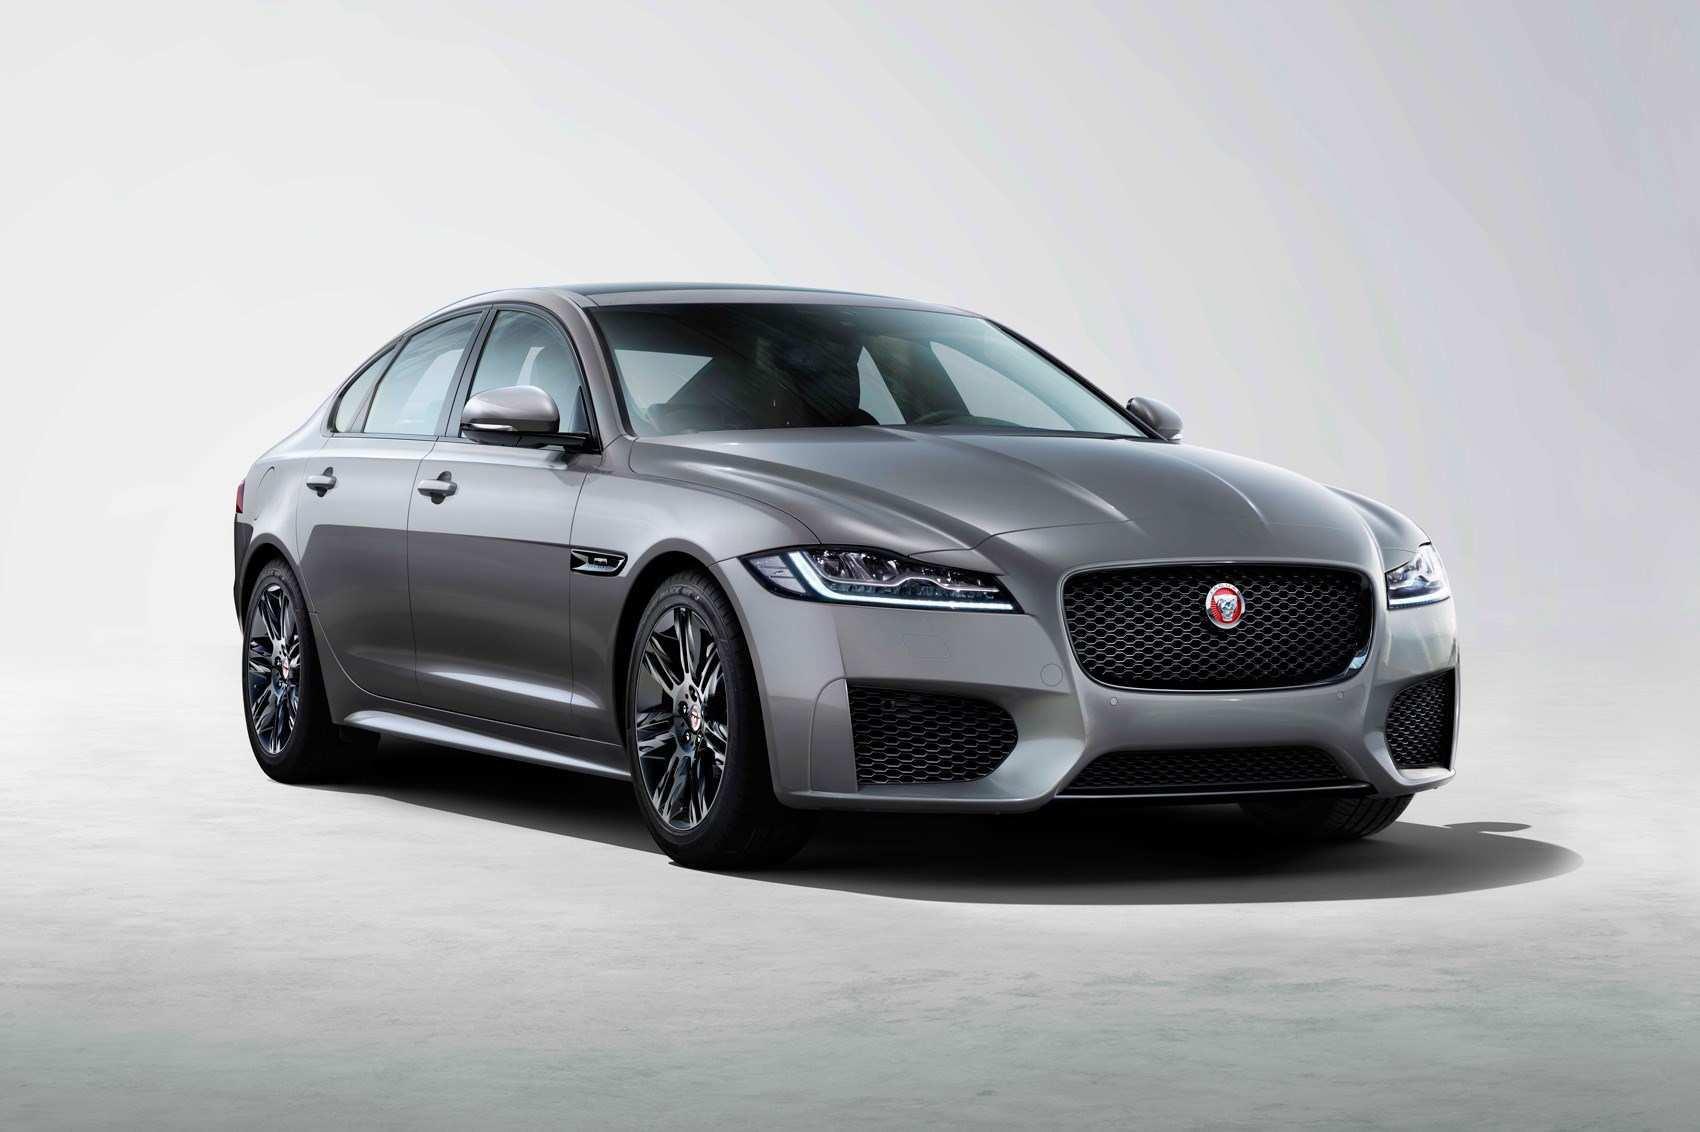 50 Great Best 2019 Jaguar Xj Hybrid Spesification Pictures by Best 2019 Jaguar Xj Hybrid Spesification